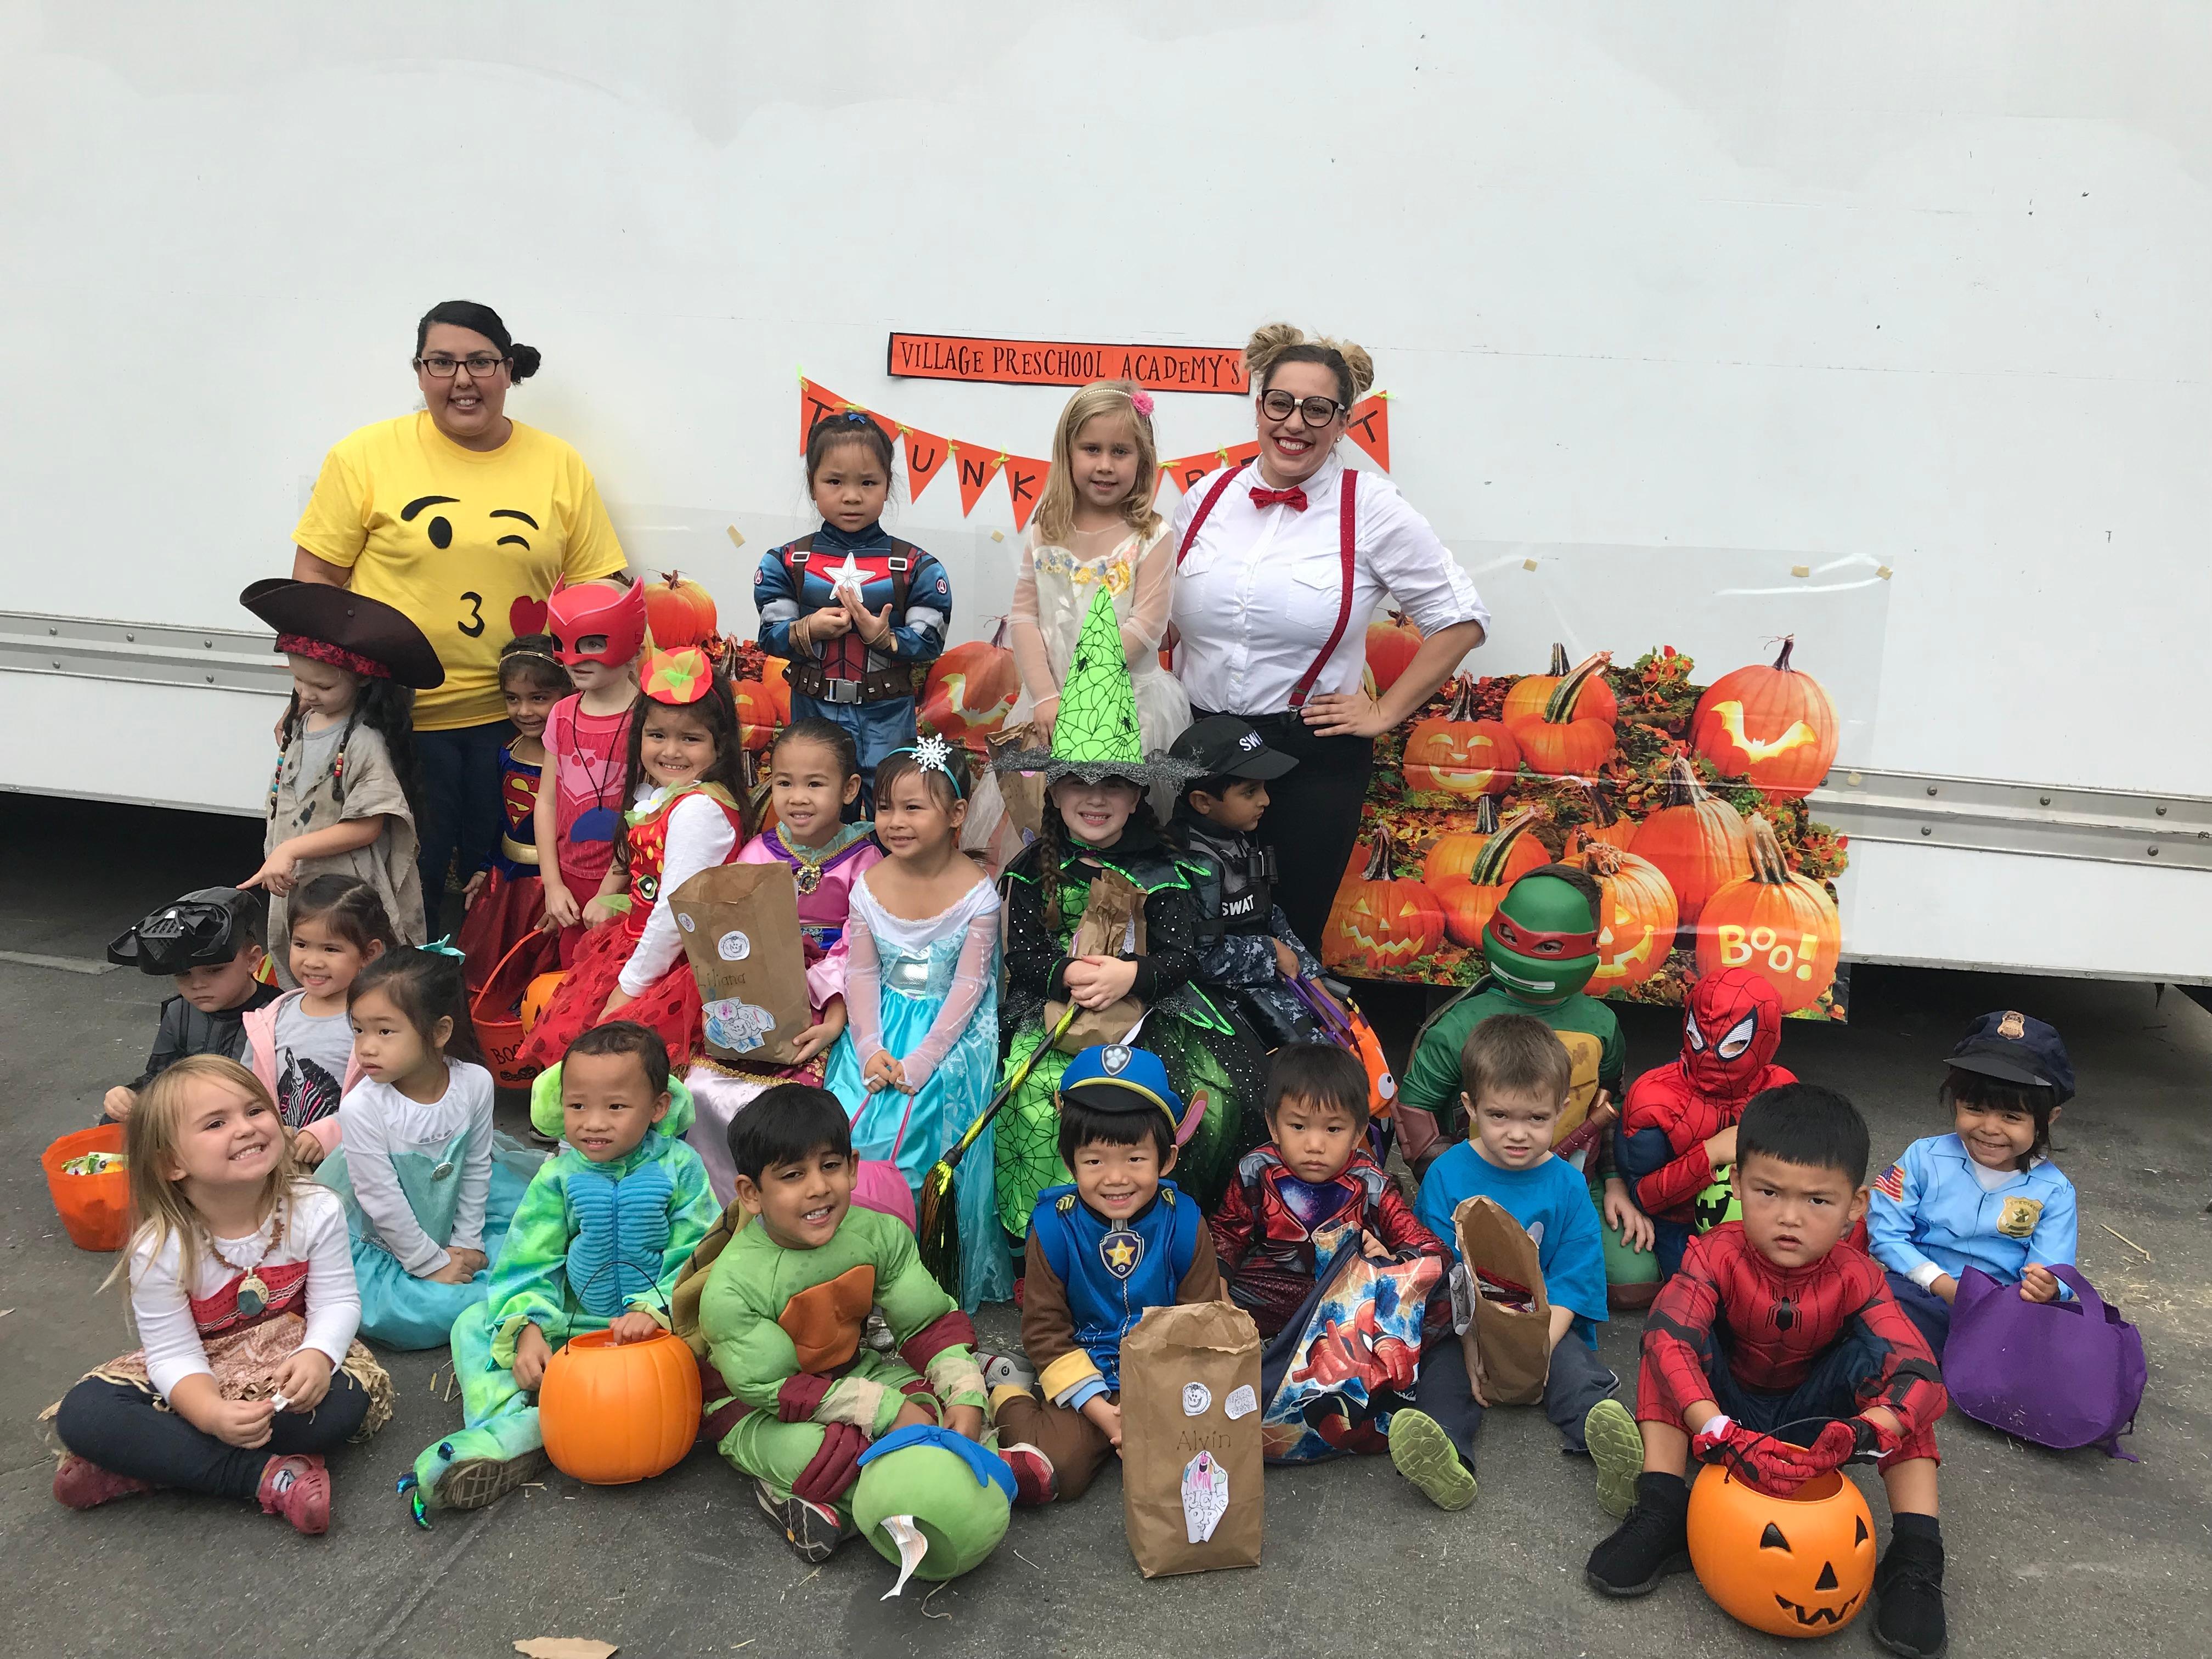 Village Preschool Academy image 16